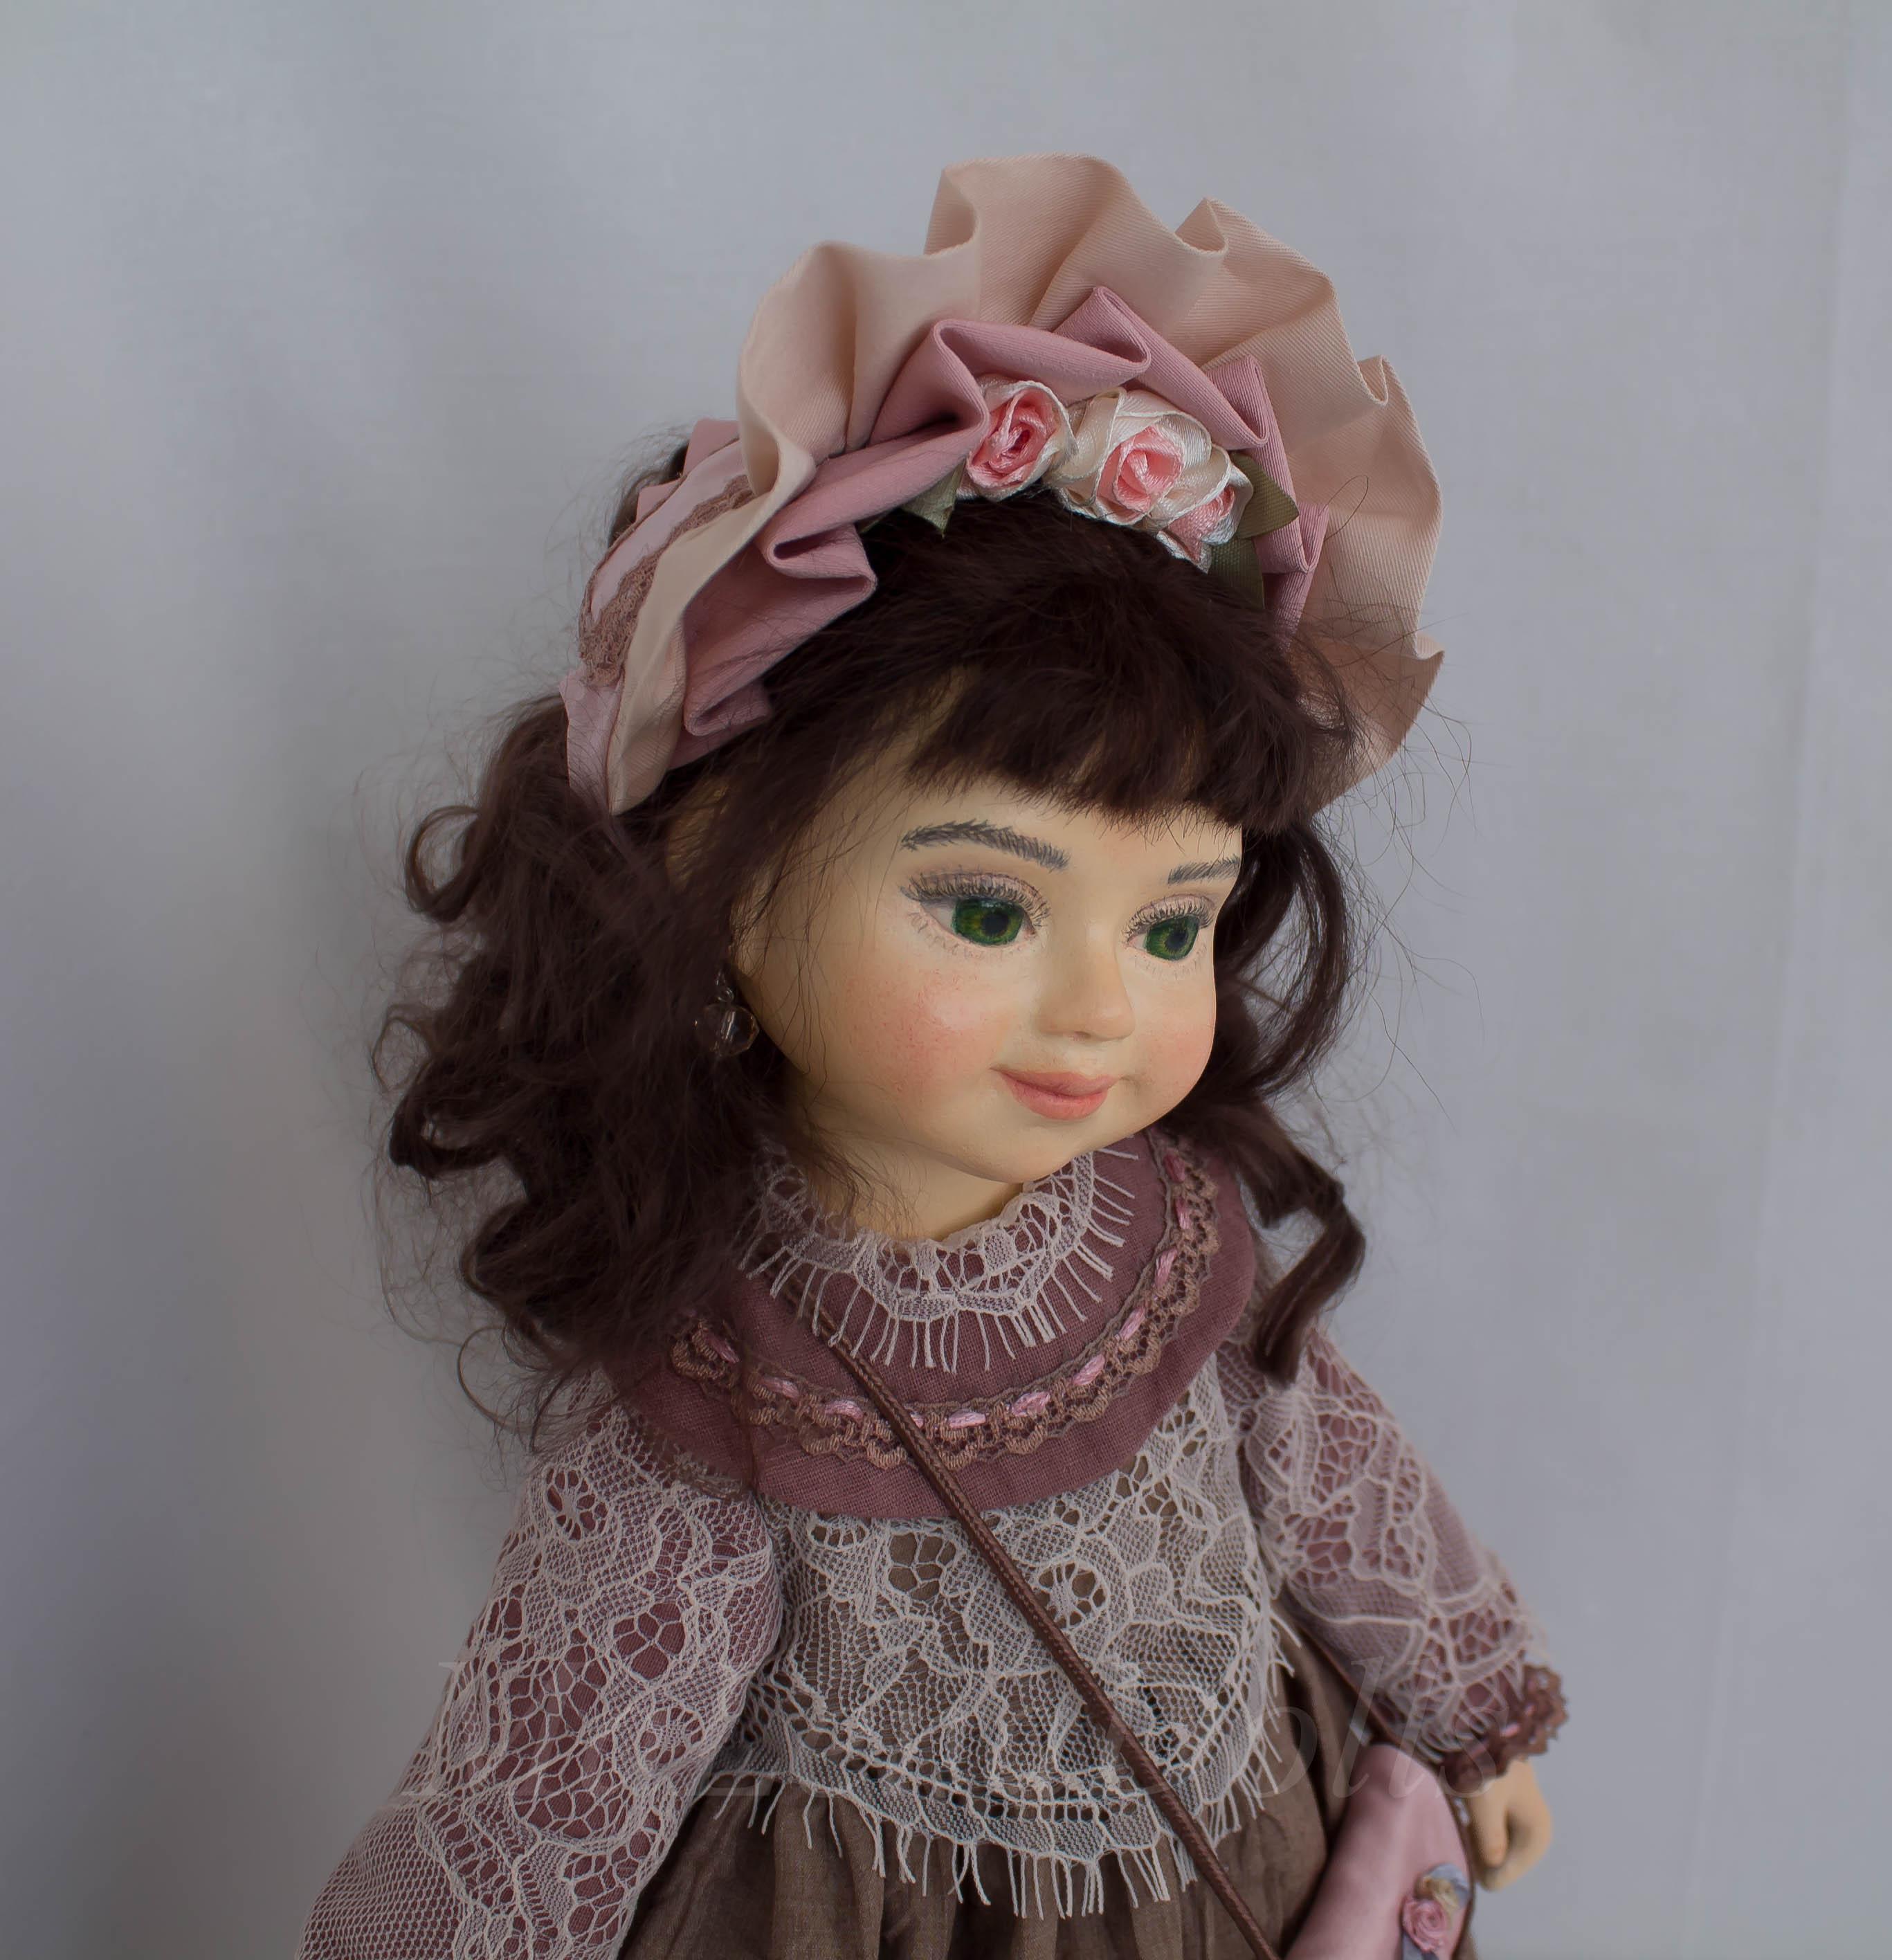 Александра. Интерьерная кукла ручной работы